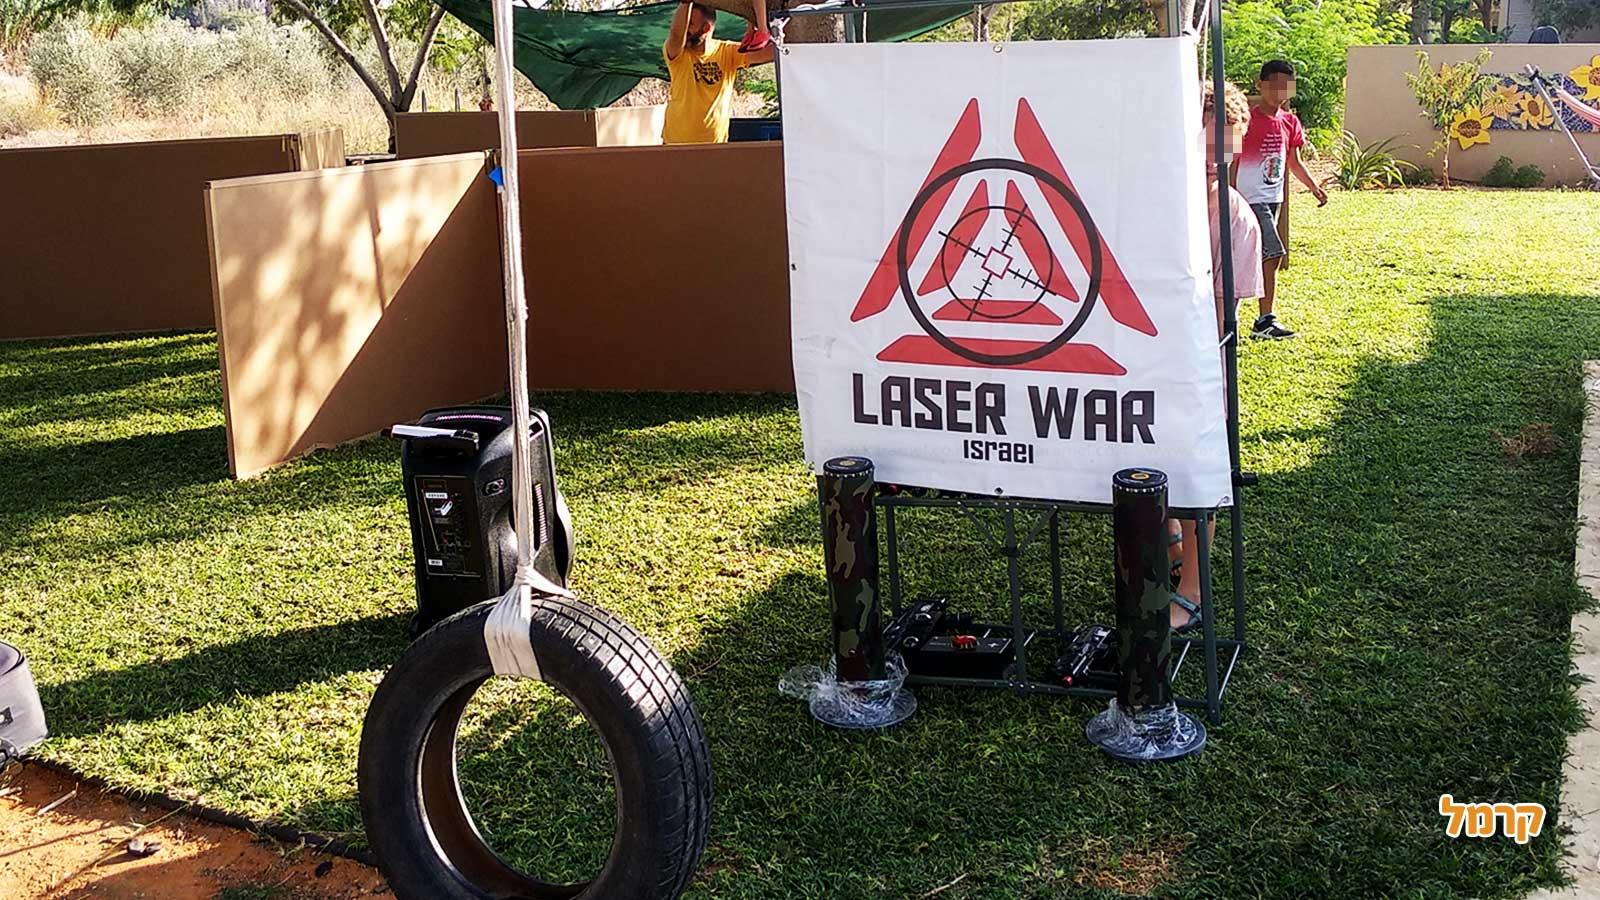 לייזר וואר ישראל - Laser War Israel - 073-7583035